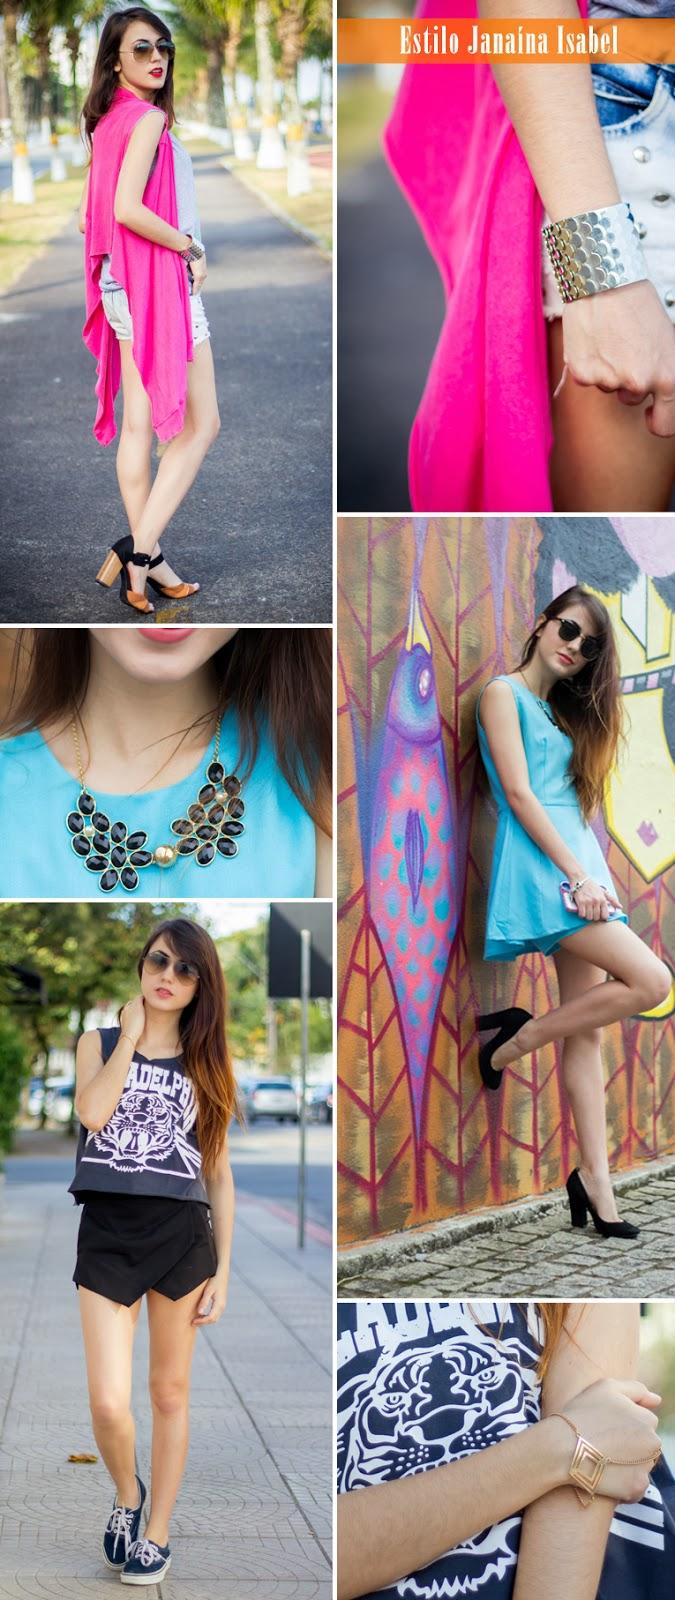 Jana makeup, Jana, blog da Jana, blogueira, joinville, sc, estilo, moda, beleza, style, fashion